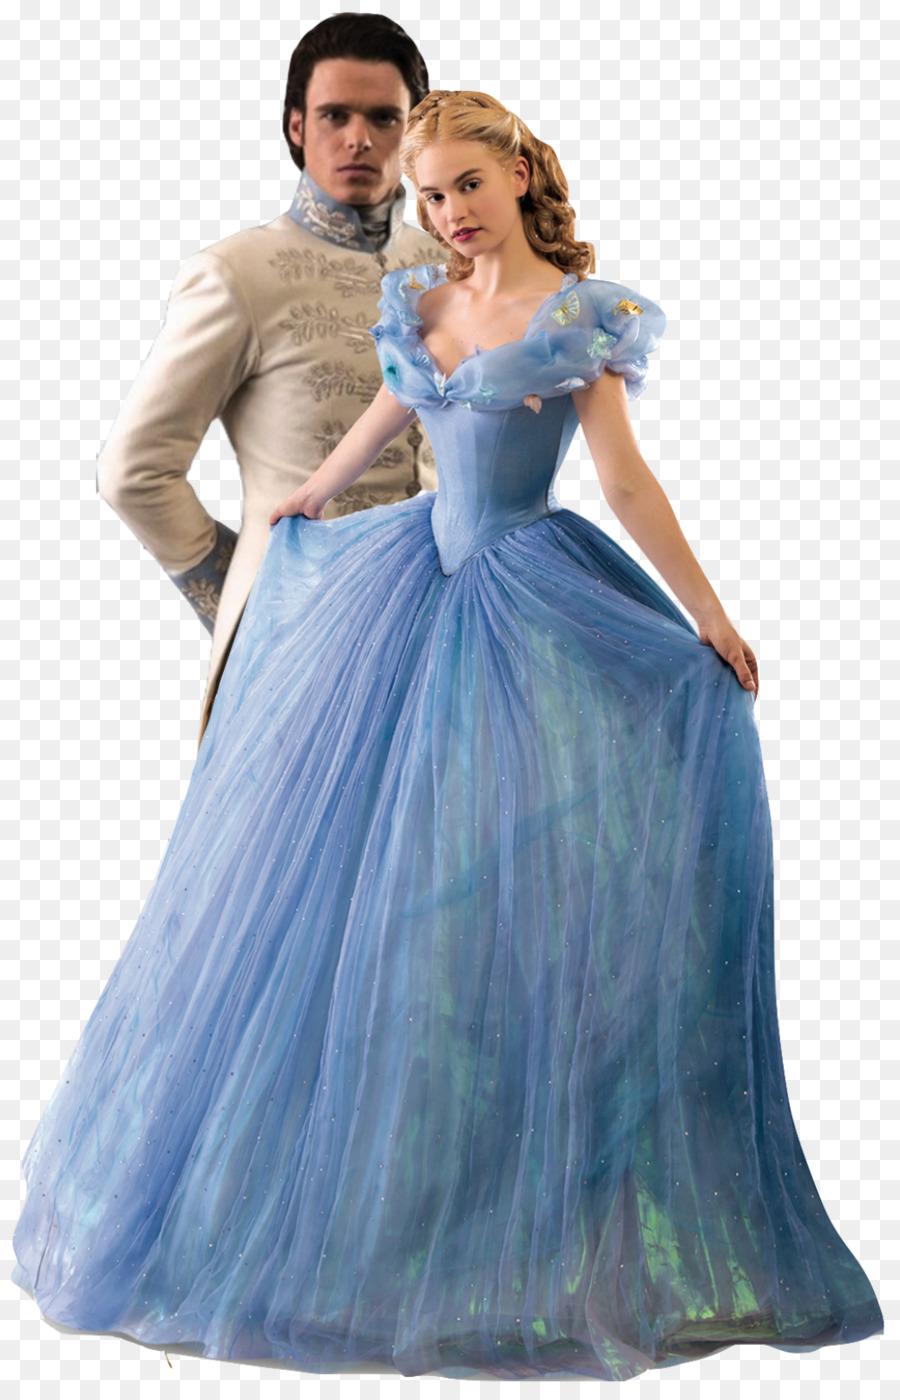 Richard Madden Cinderella Stepmother Ball gown - Cinderella png ...